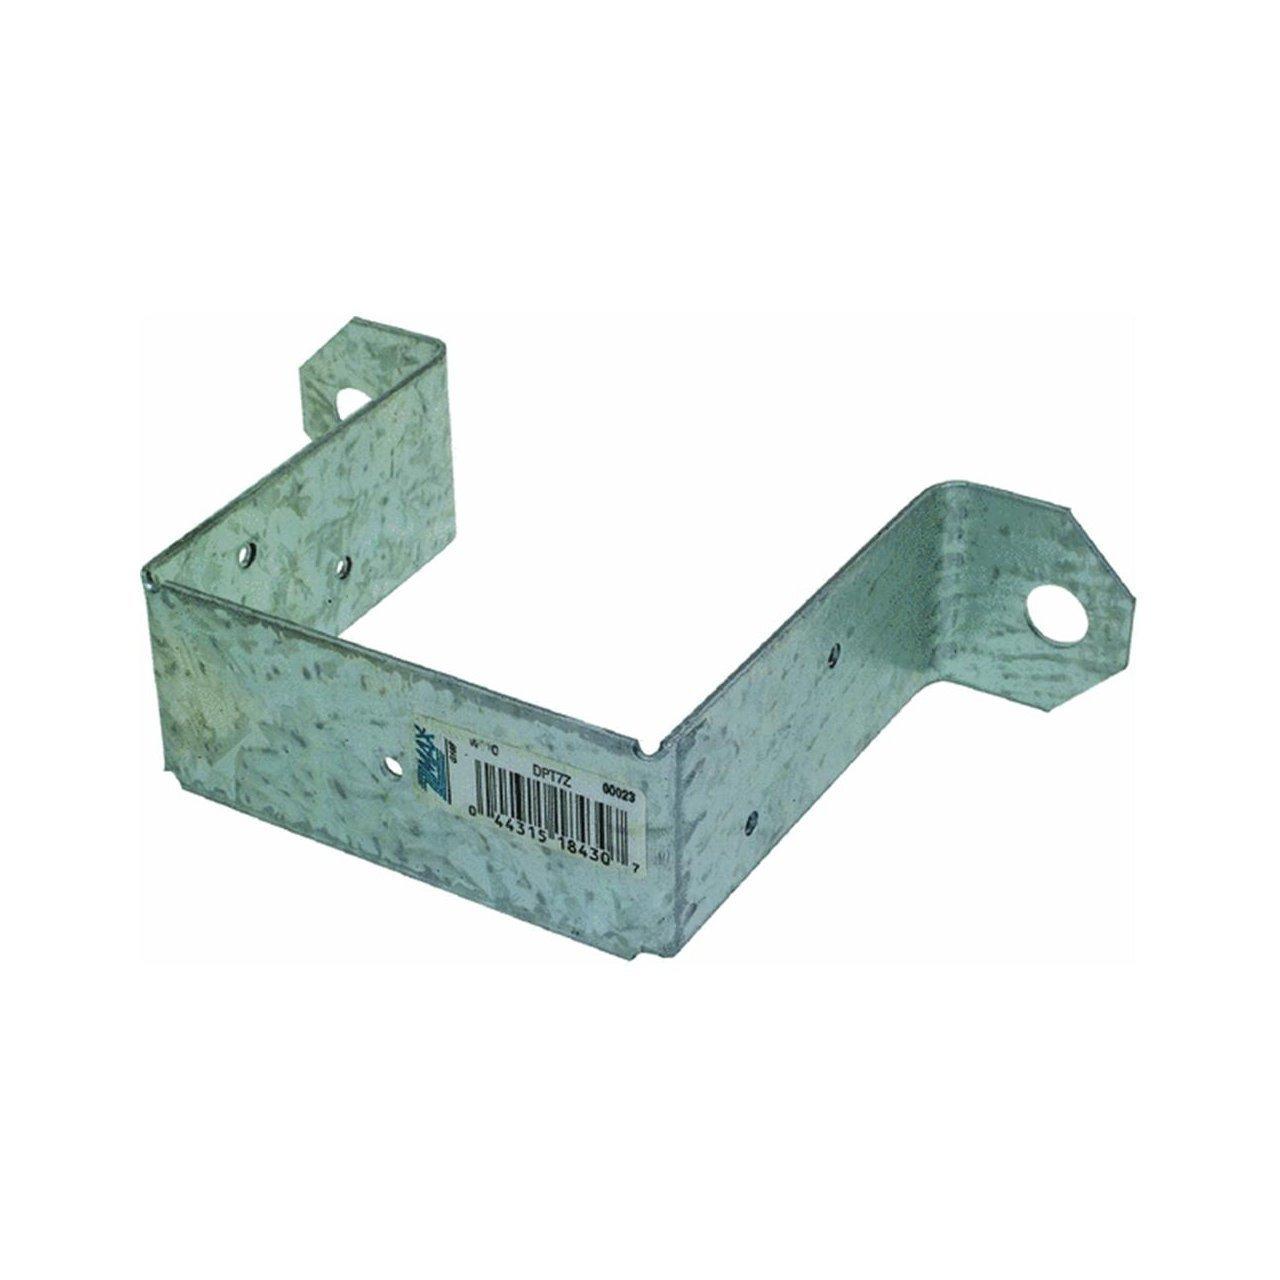 Simpson Strong-Tie Deck Post Tie 3-1/2''W X 3-1/2'' D 14 Ga Zmax Steel Fasteners 5 - 10 D